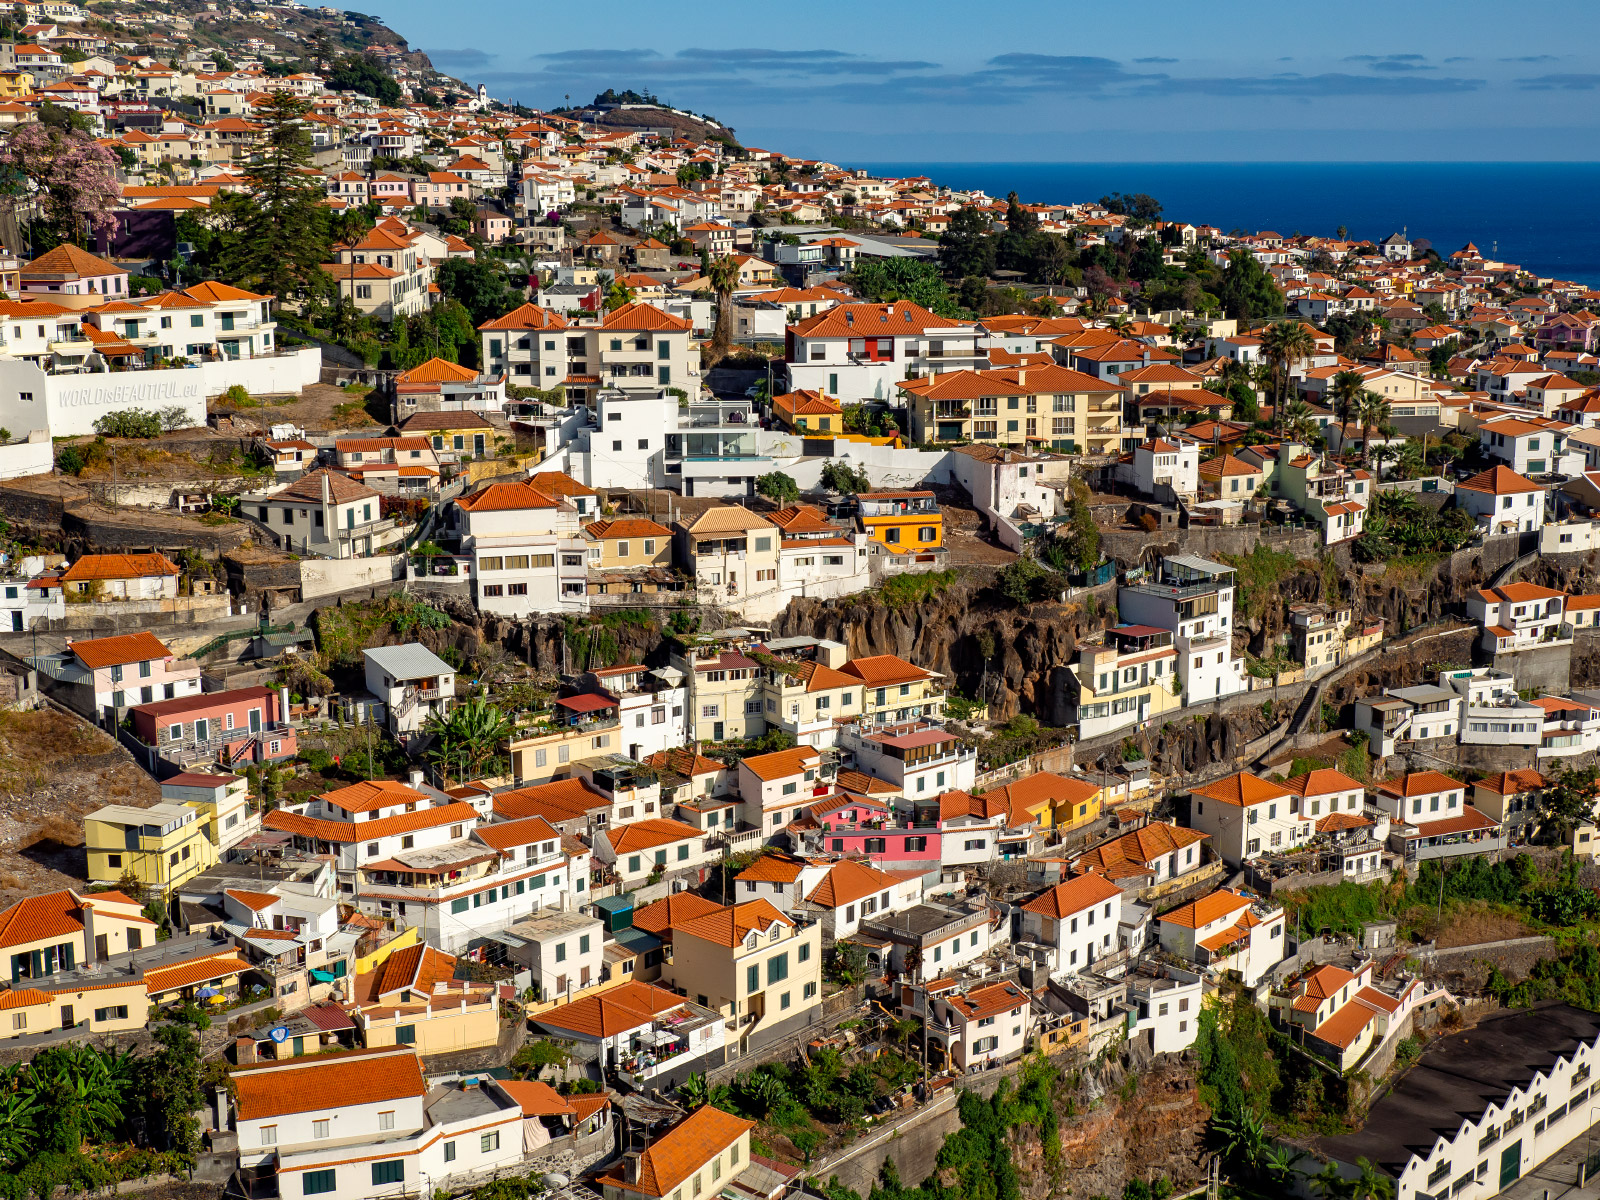 Funchal photo like a drone